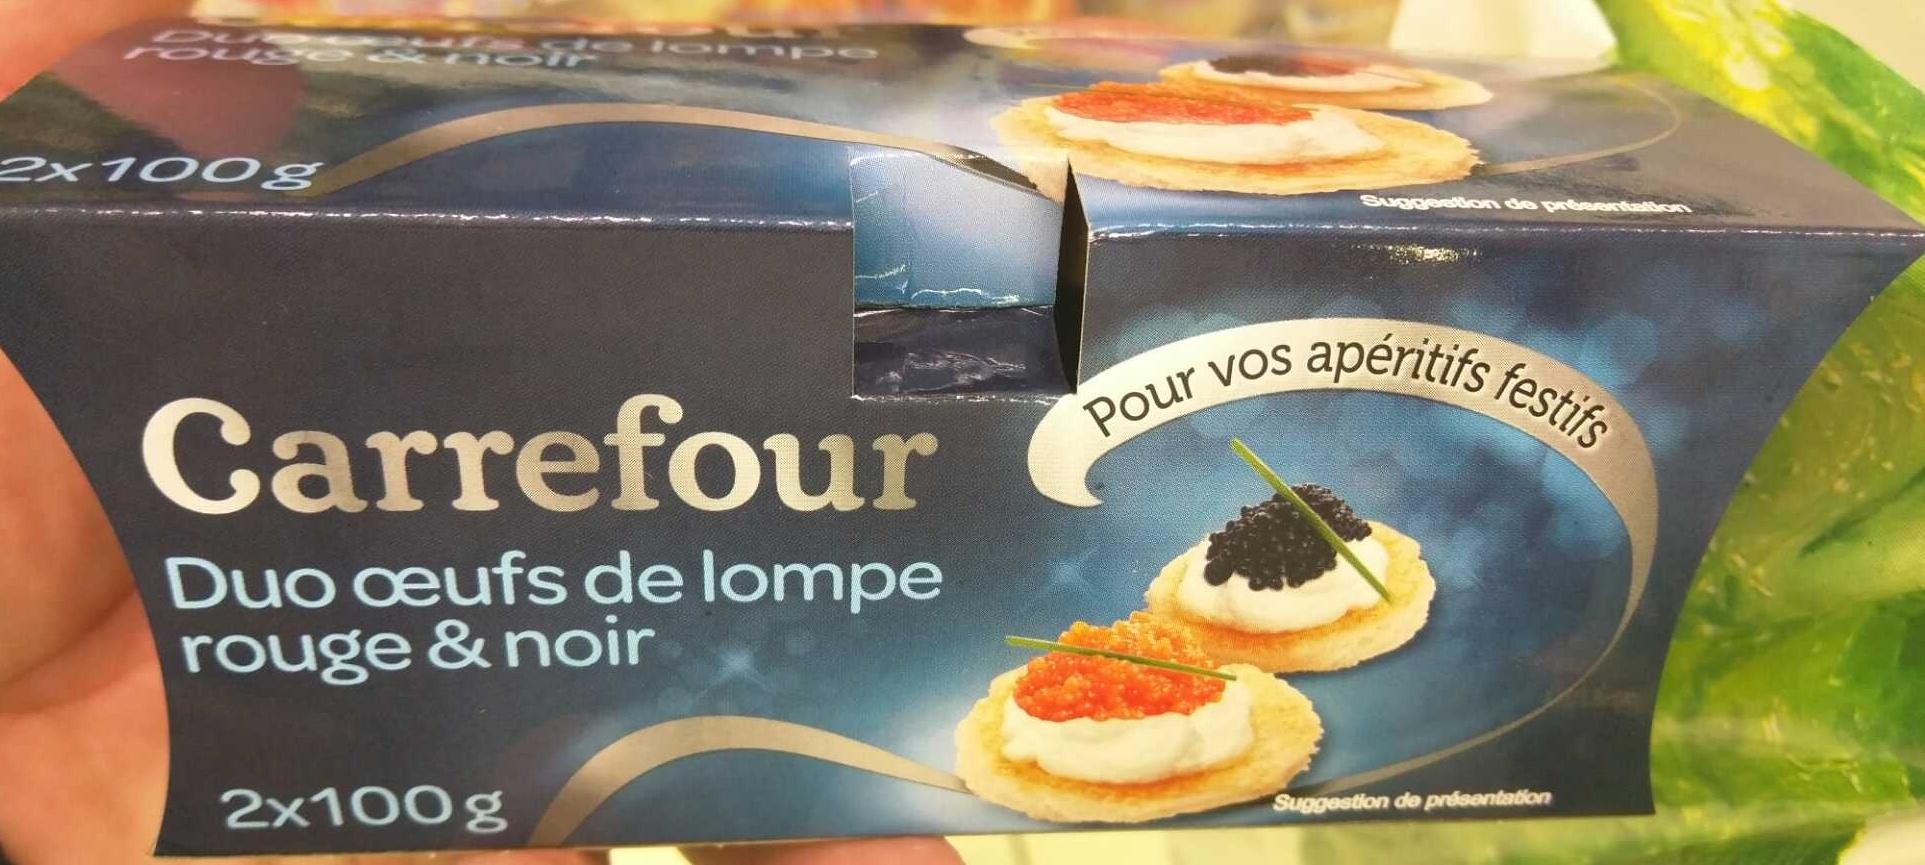 Duo oeufs de lompe rouge & noir - Product - fr